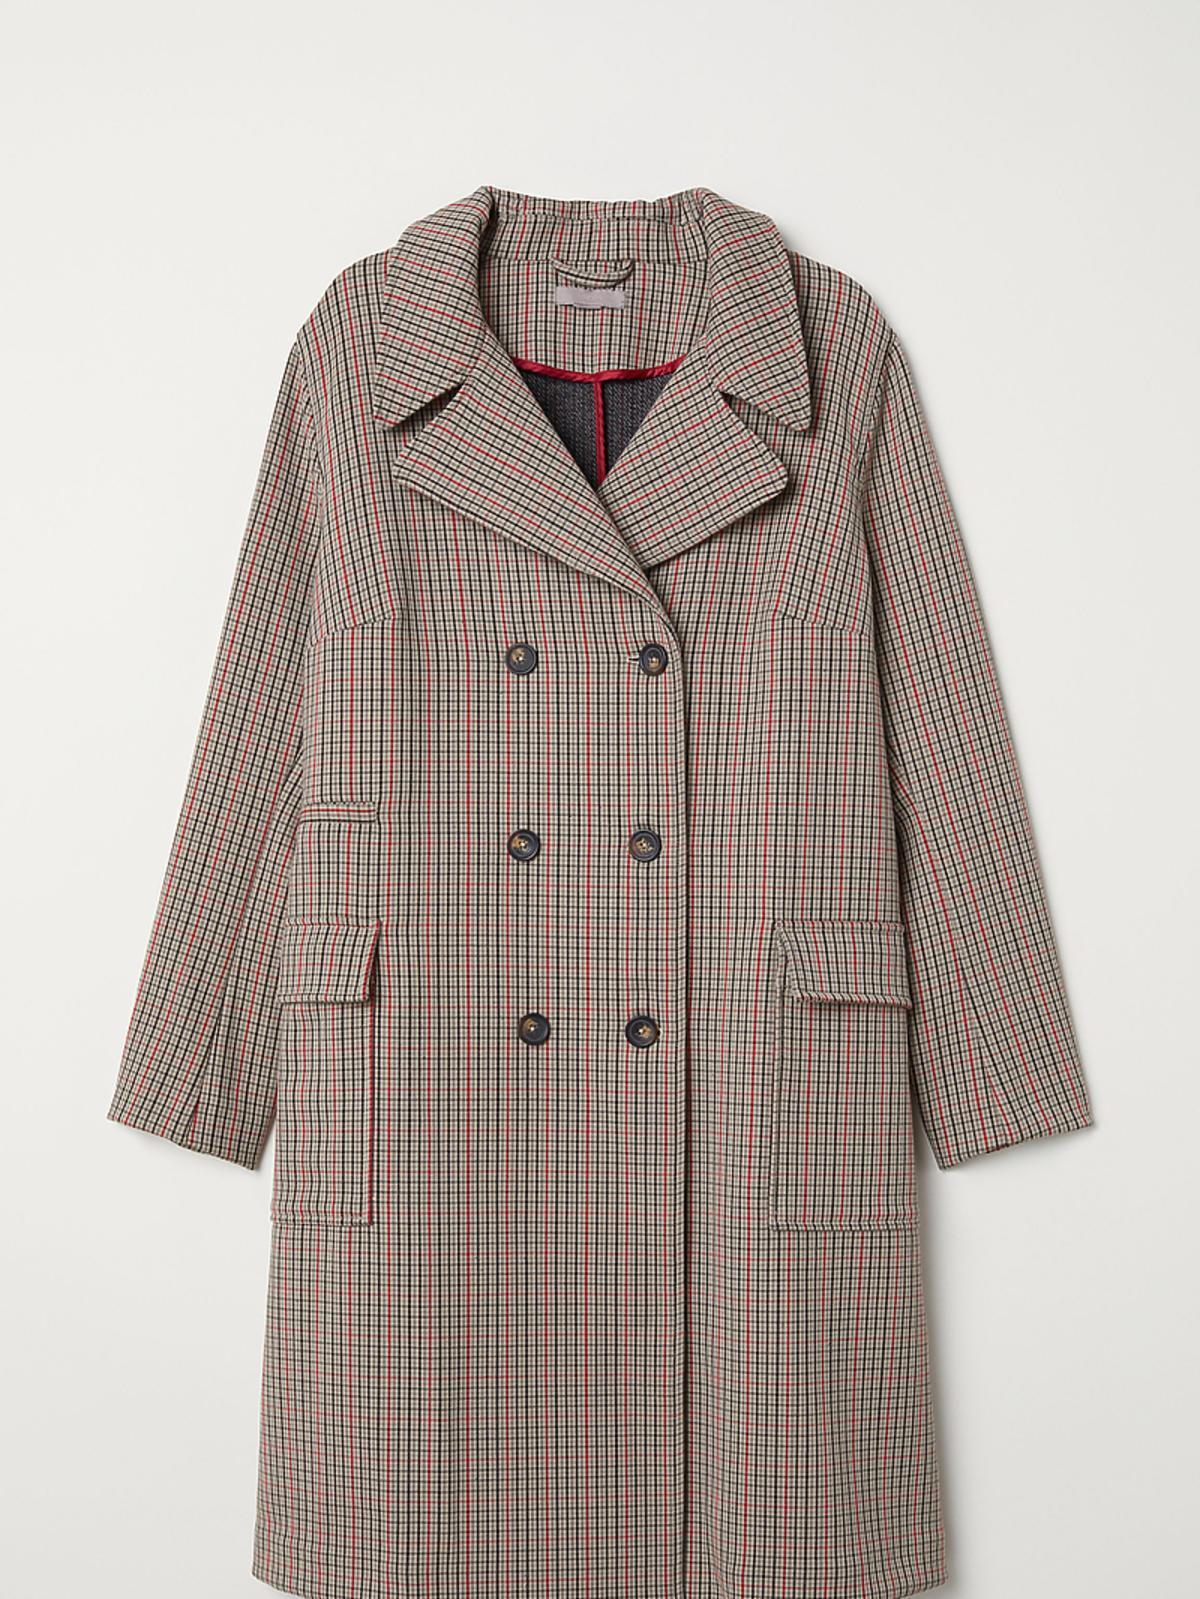 Płaszcz dwurzędowy w kratę, H&M 399 zł